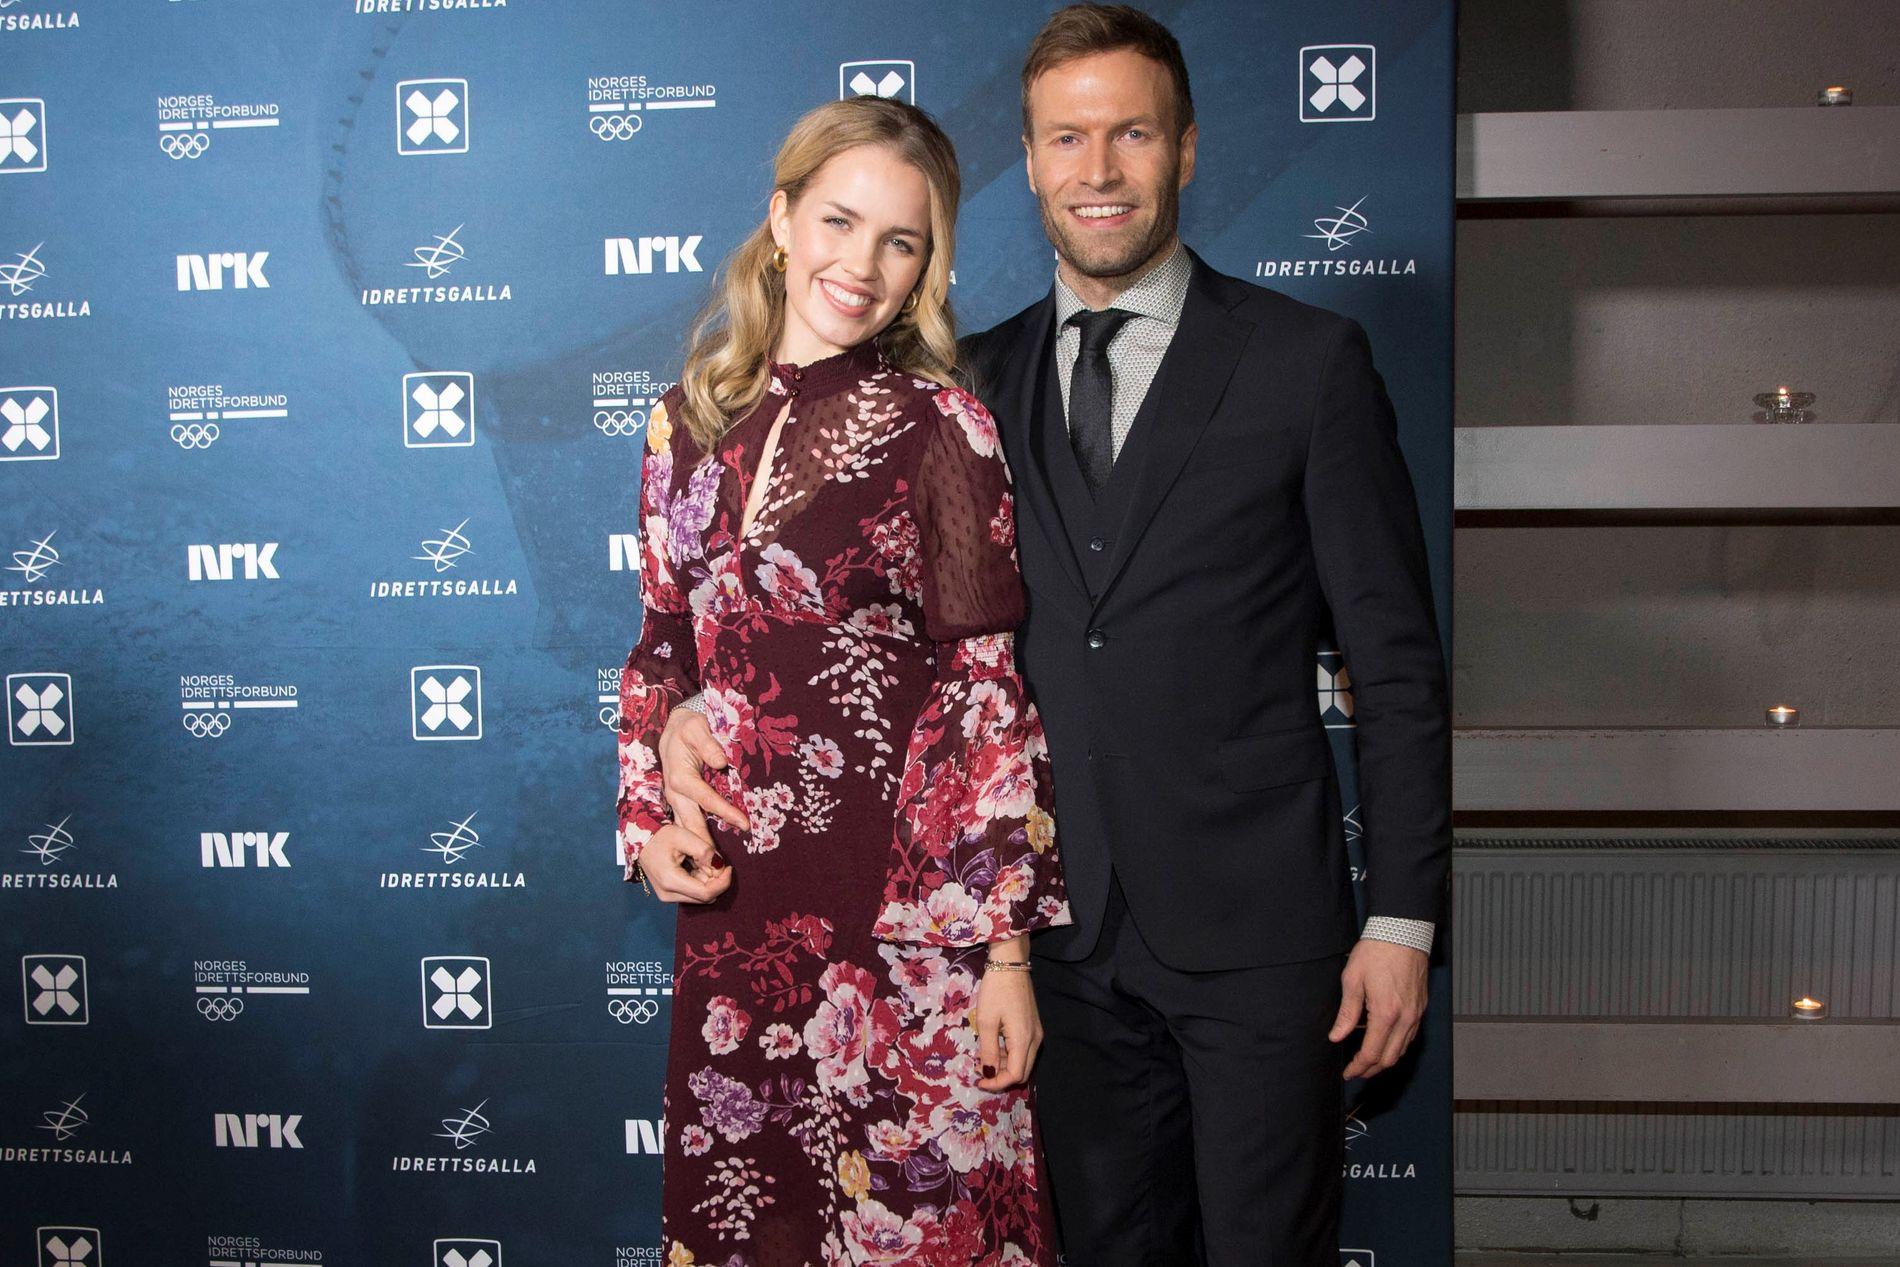 PÅ IDRETTSGALLA: Andreas Ygre Wiig og samboeren Hanna Sophie Sæthre Schanz på den røde løperen foran Idrettsgallaen i januar.